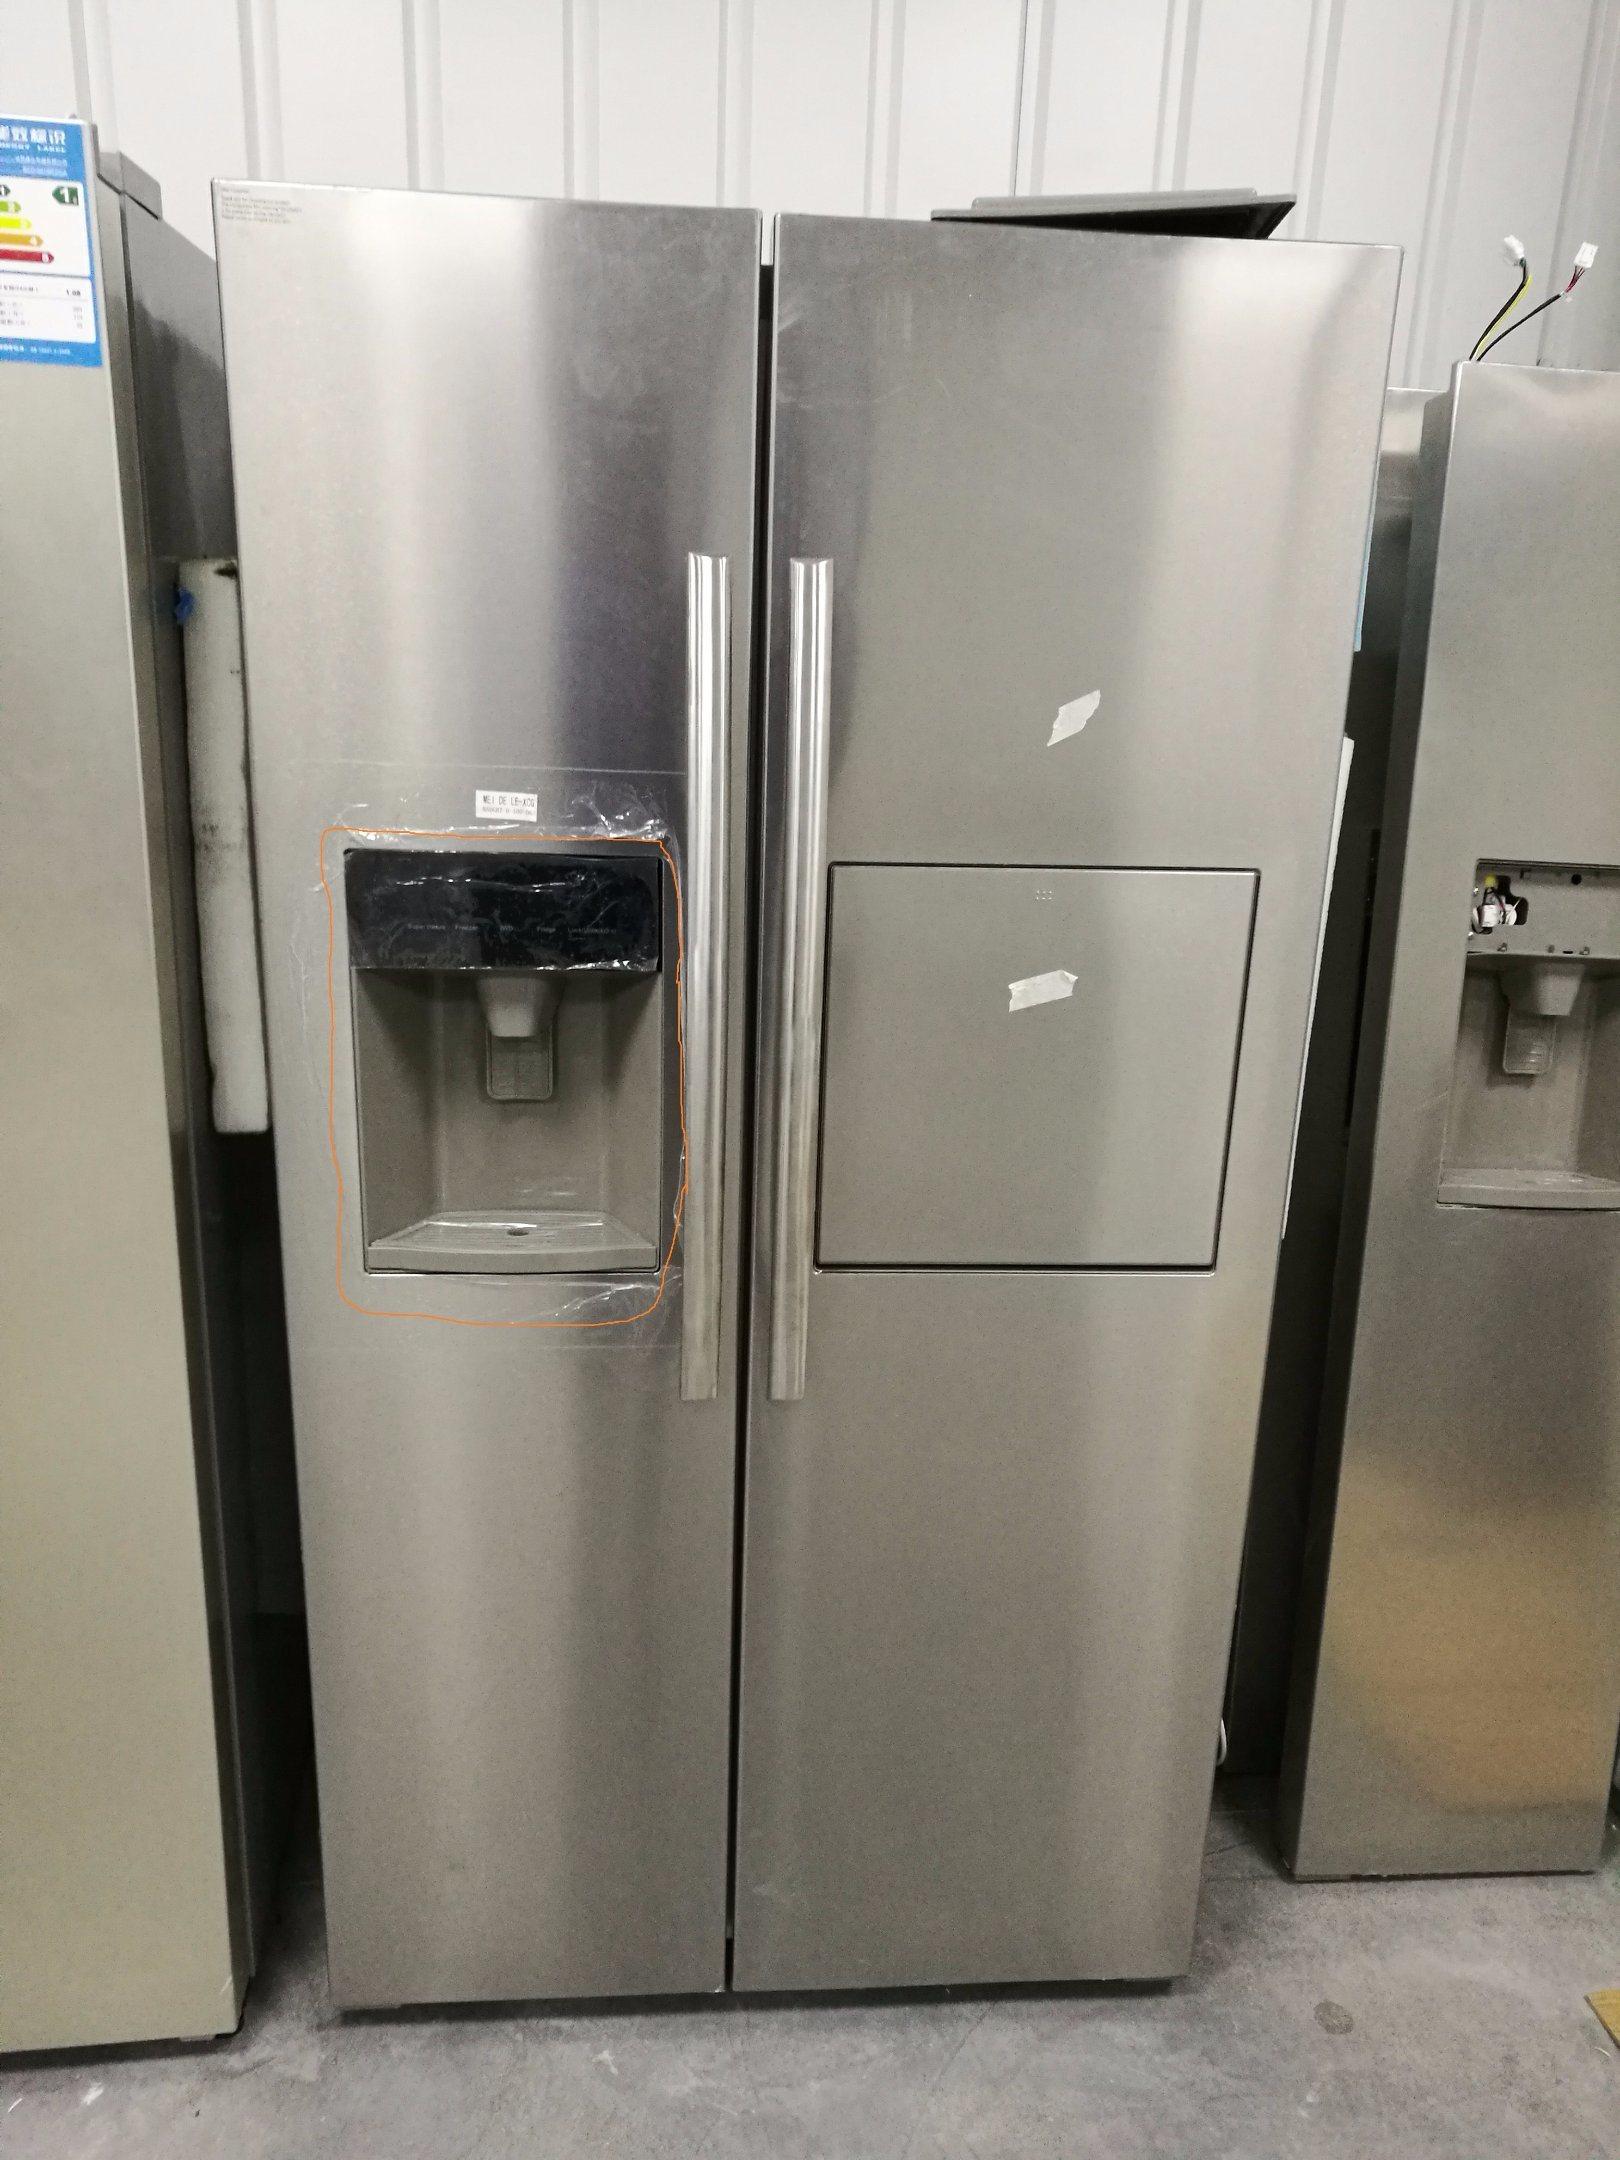 Folio Door Refrigerator with Water Dispenser and Icemaker